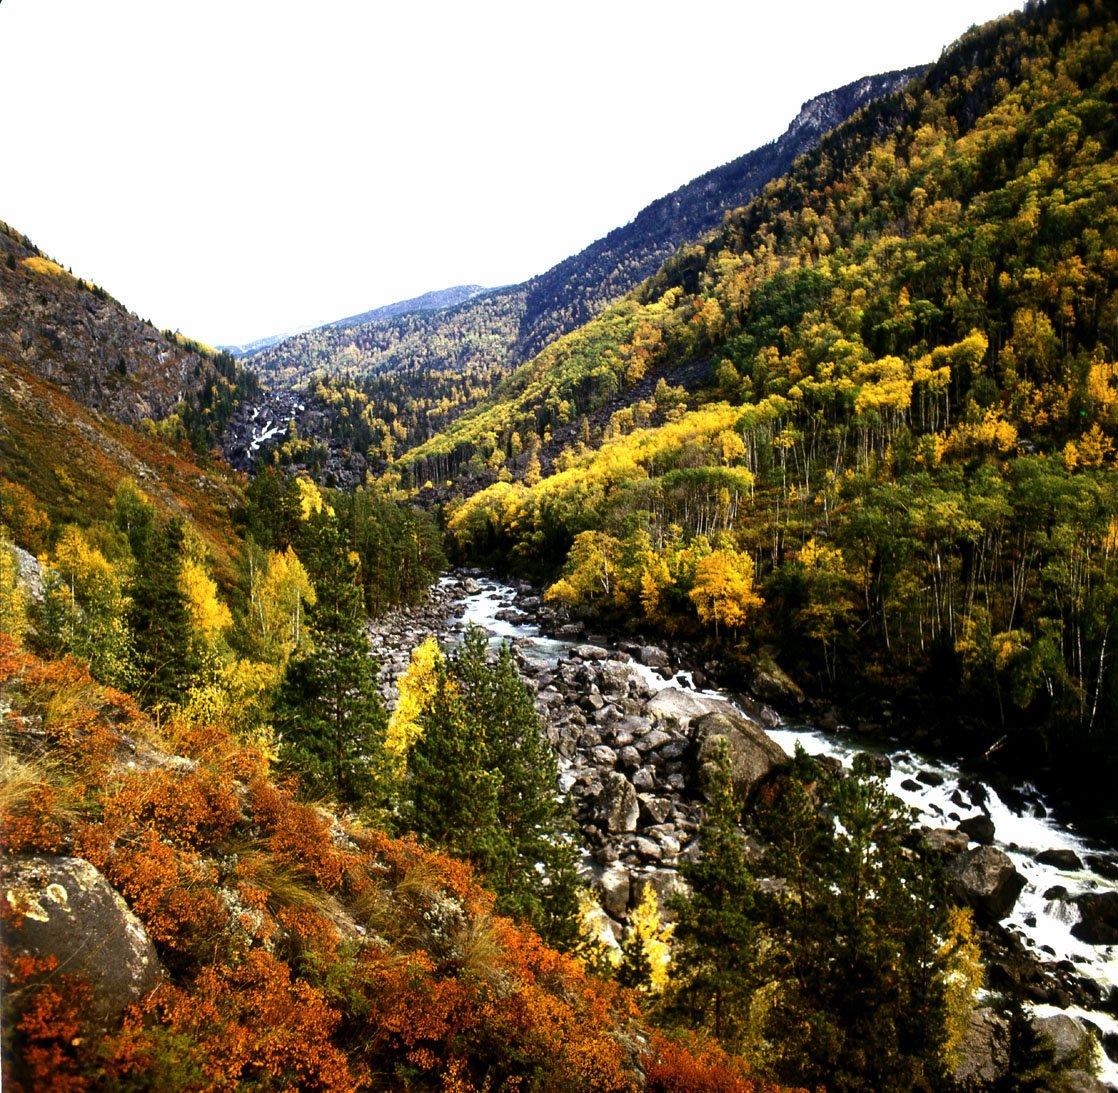 педикюр алтайский заповедник фото осень как раз будем